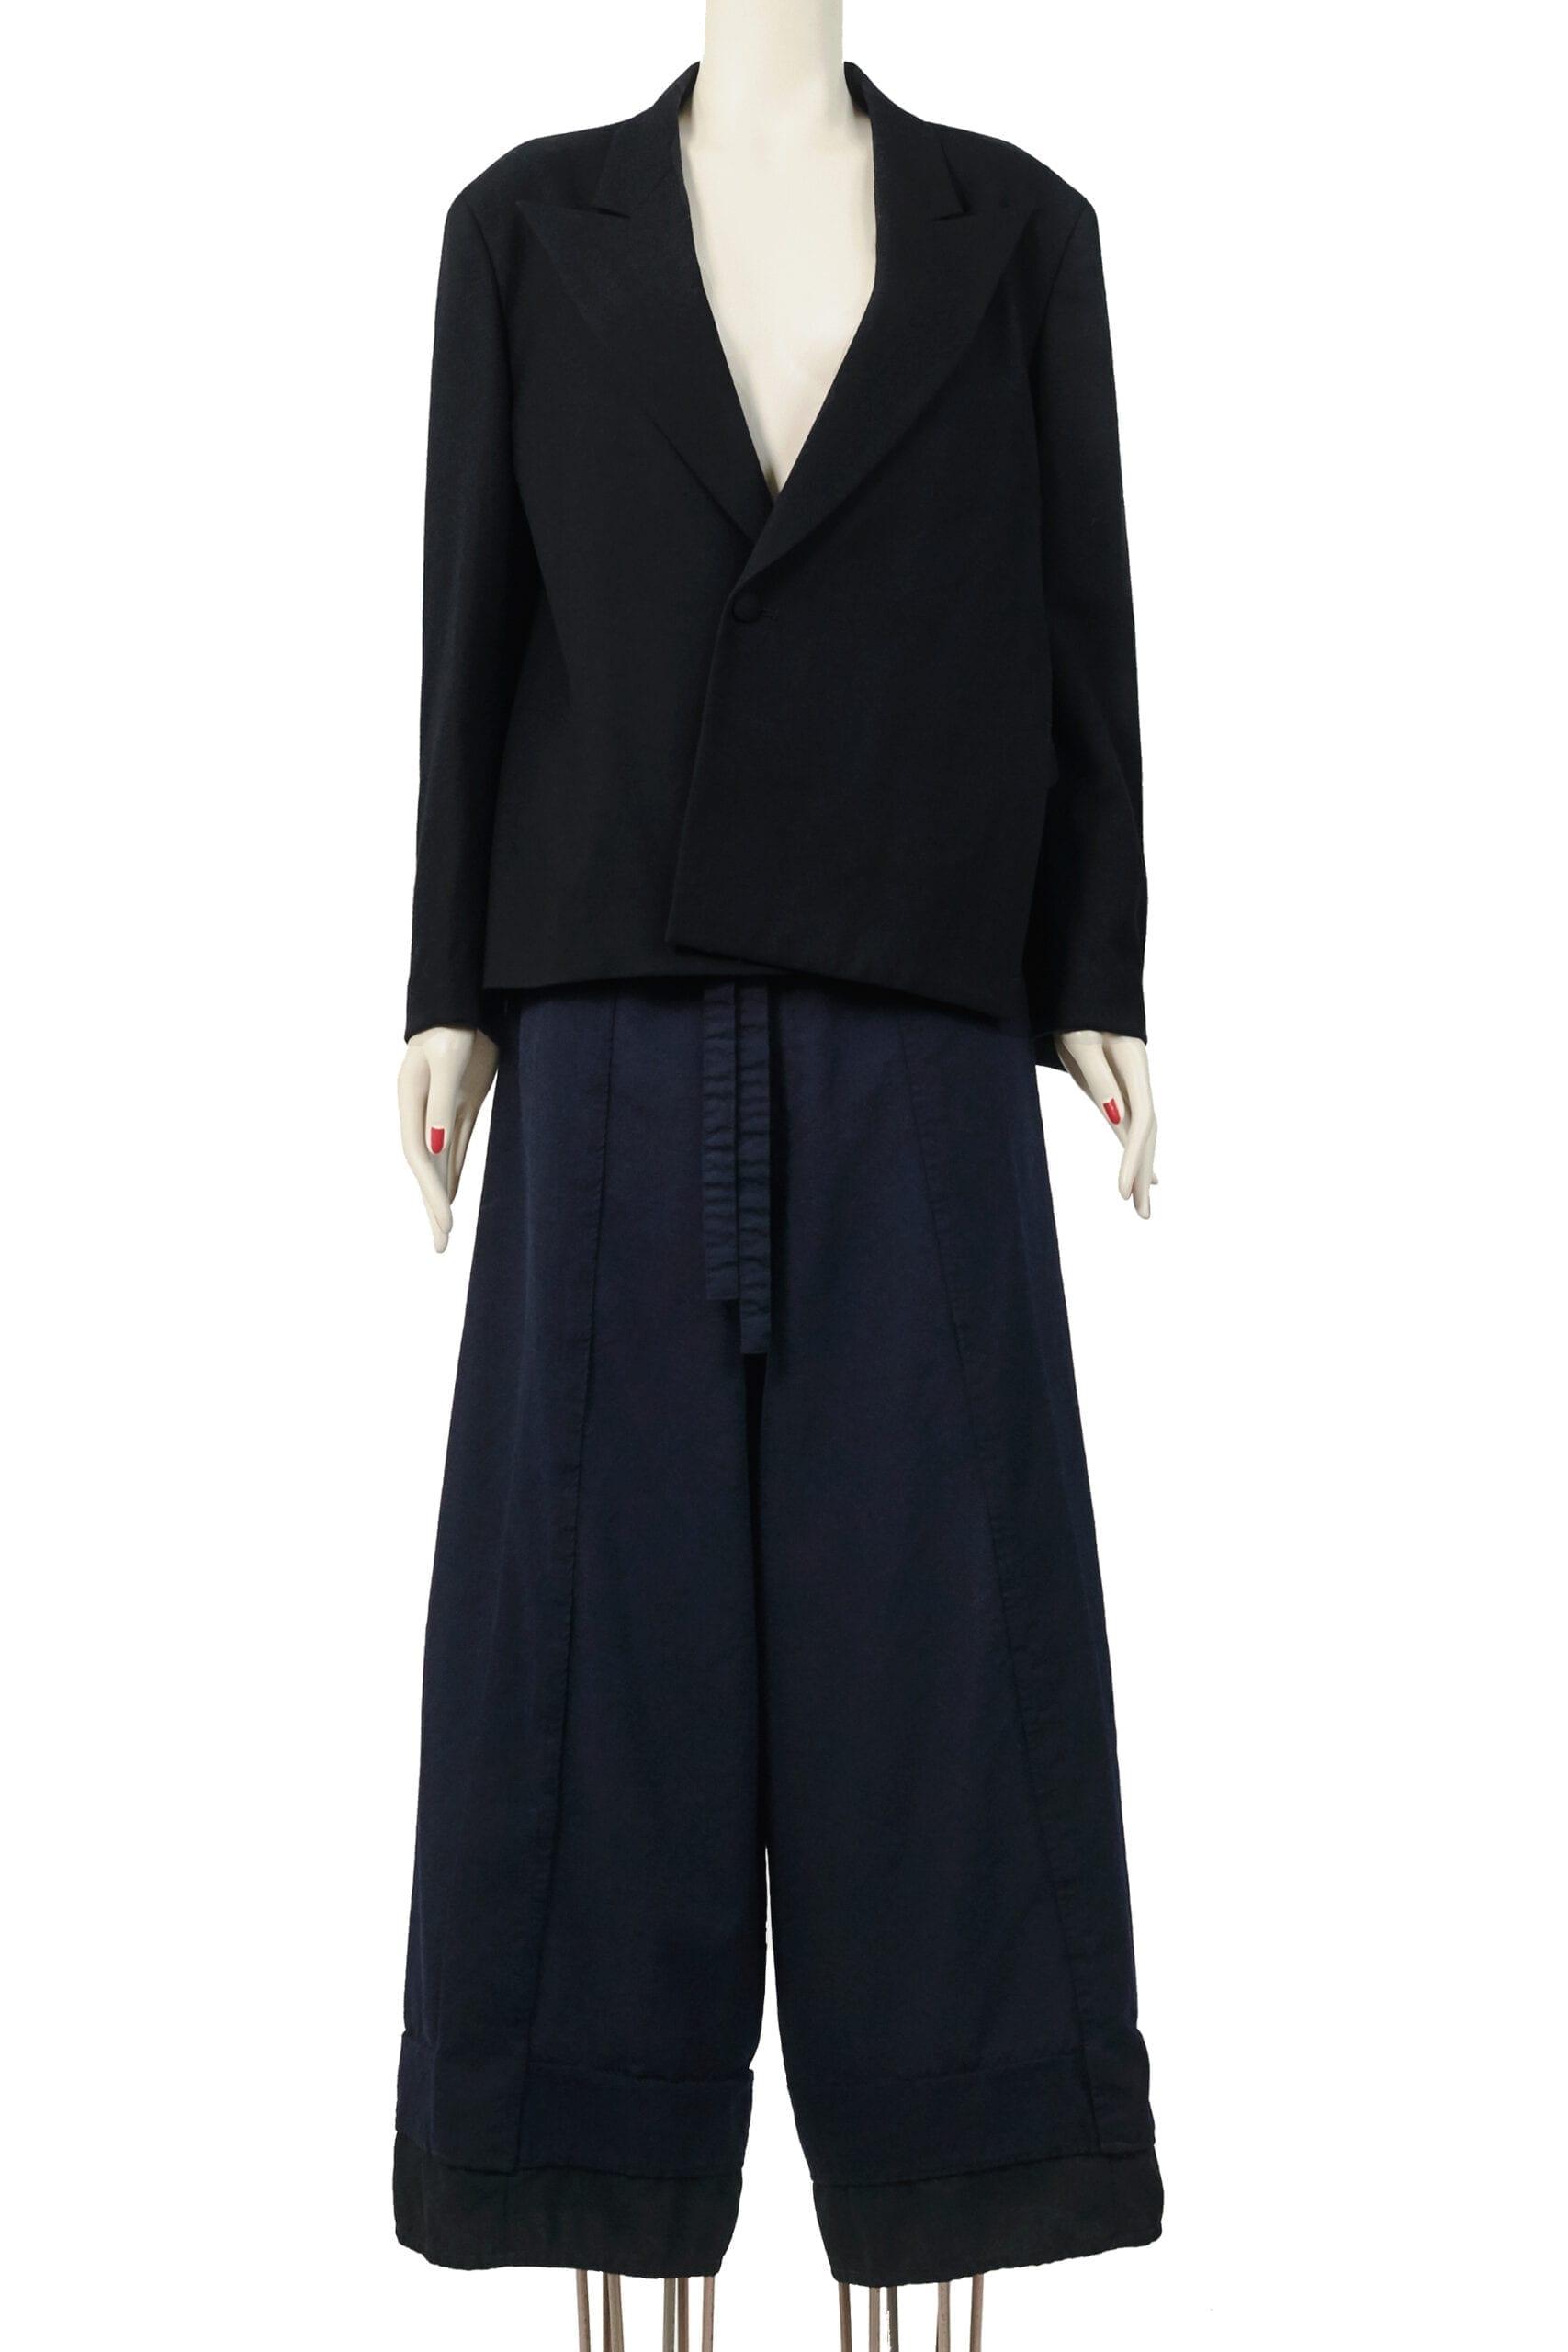 giacca nera yohji yamamoto